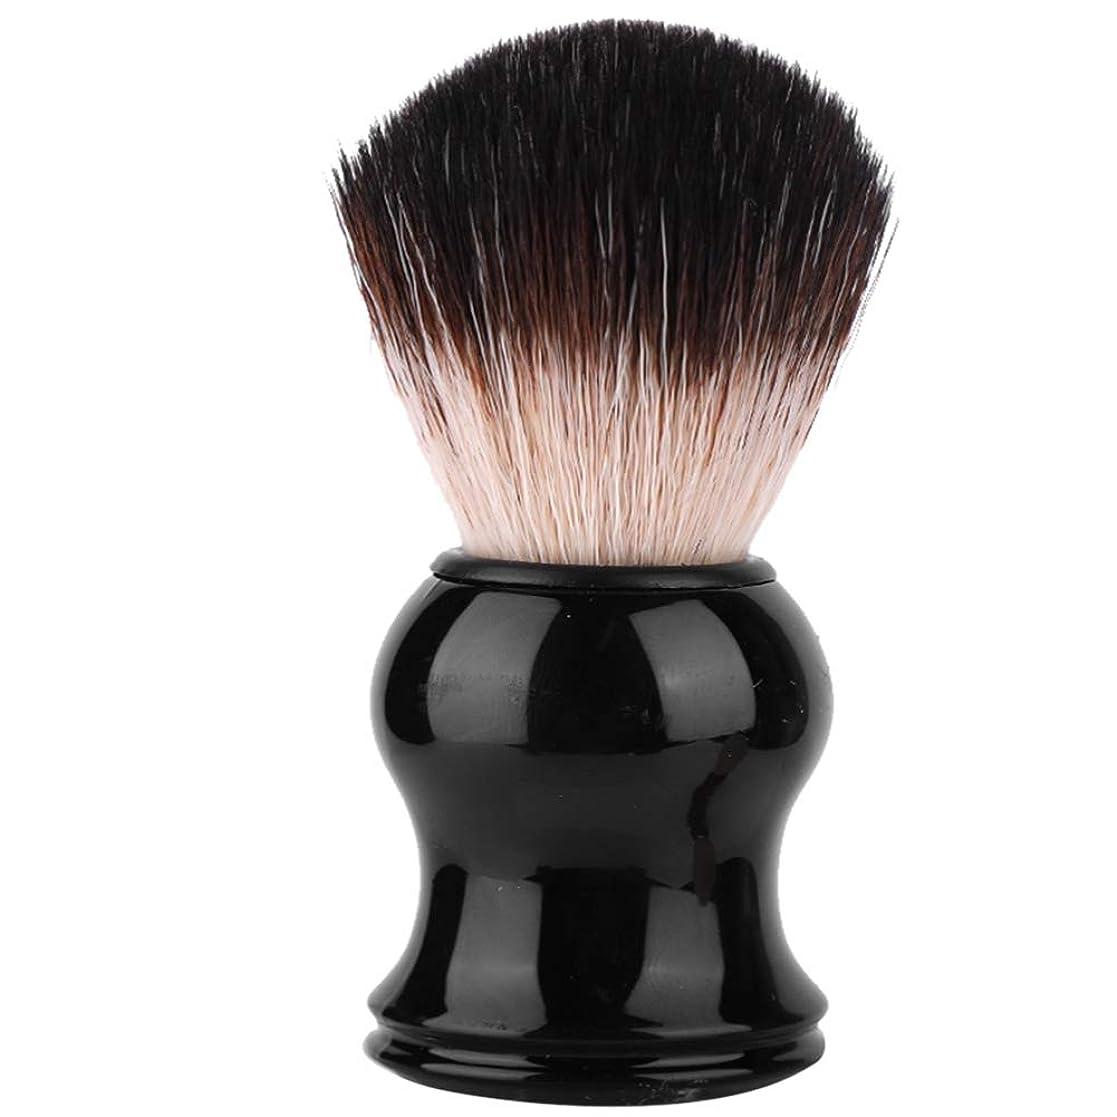 宇宙船バングラデシュ世界の窓ポータブルメンズソフトヘアシェービングブラシ絶妙なハンドル髭ブラシ理髪ツール個人用および業務用シェービングに最適(3#)